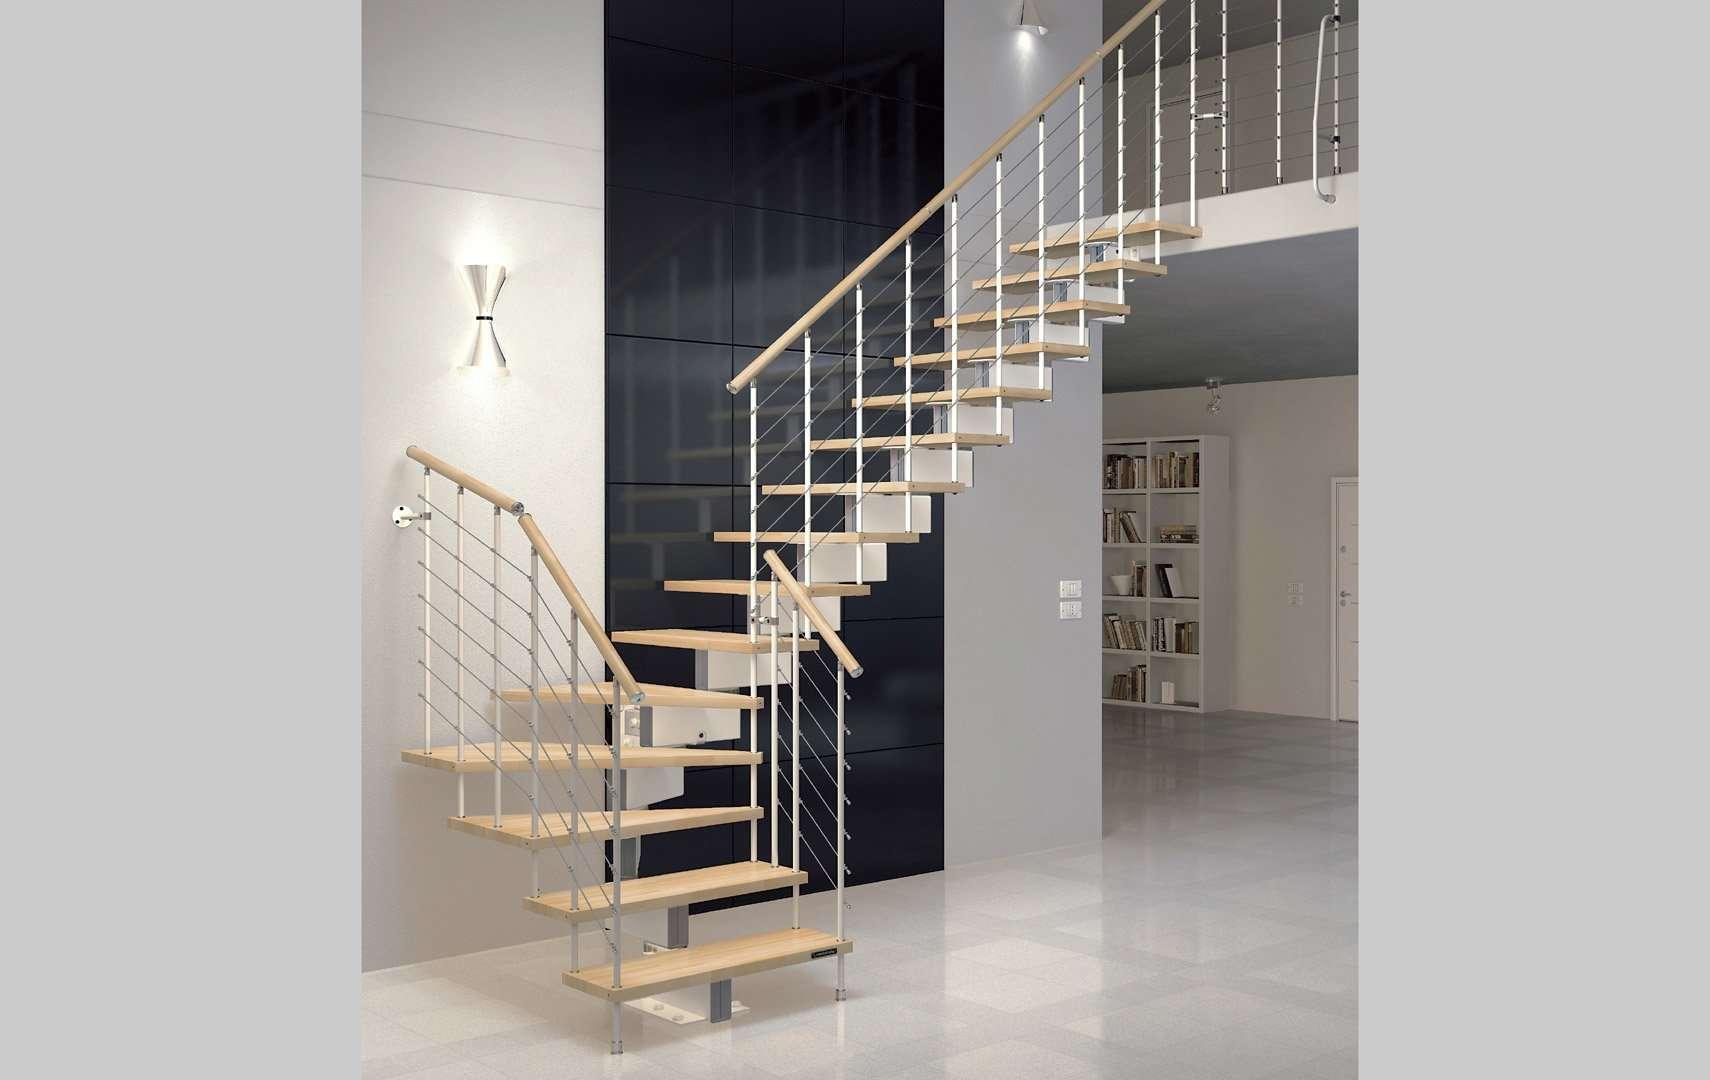 ᐅ Jazz | Open Staircase Design, Staircase Design Staircases, Stairs,  Staircase, Stair Spindles, Stair Parts, Handrails, Stair Handrail, Staircase  Design, ...